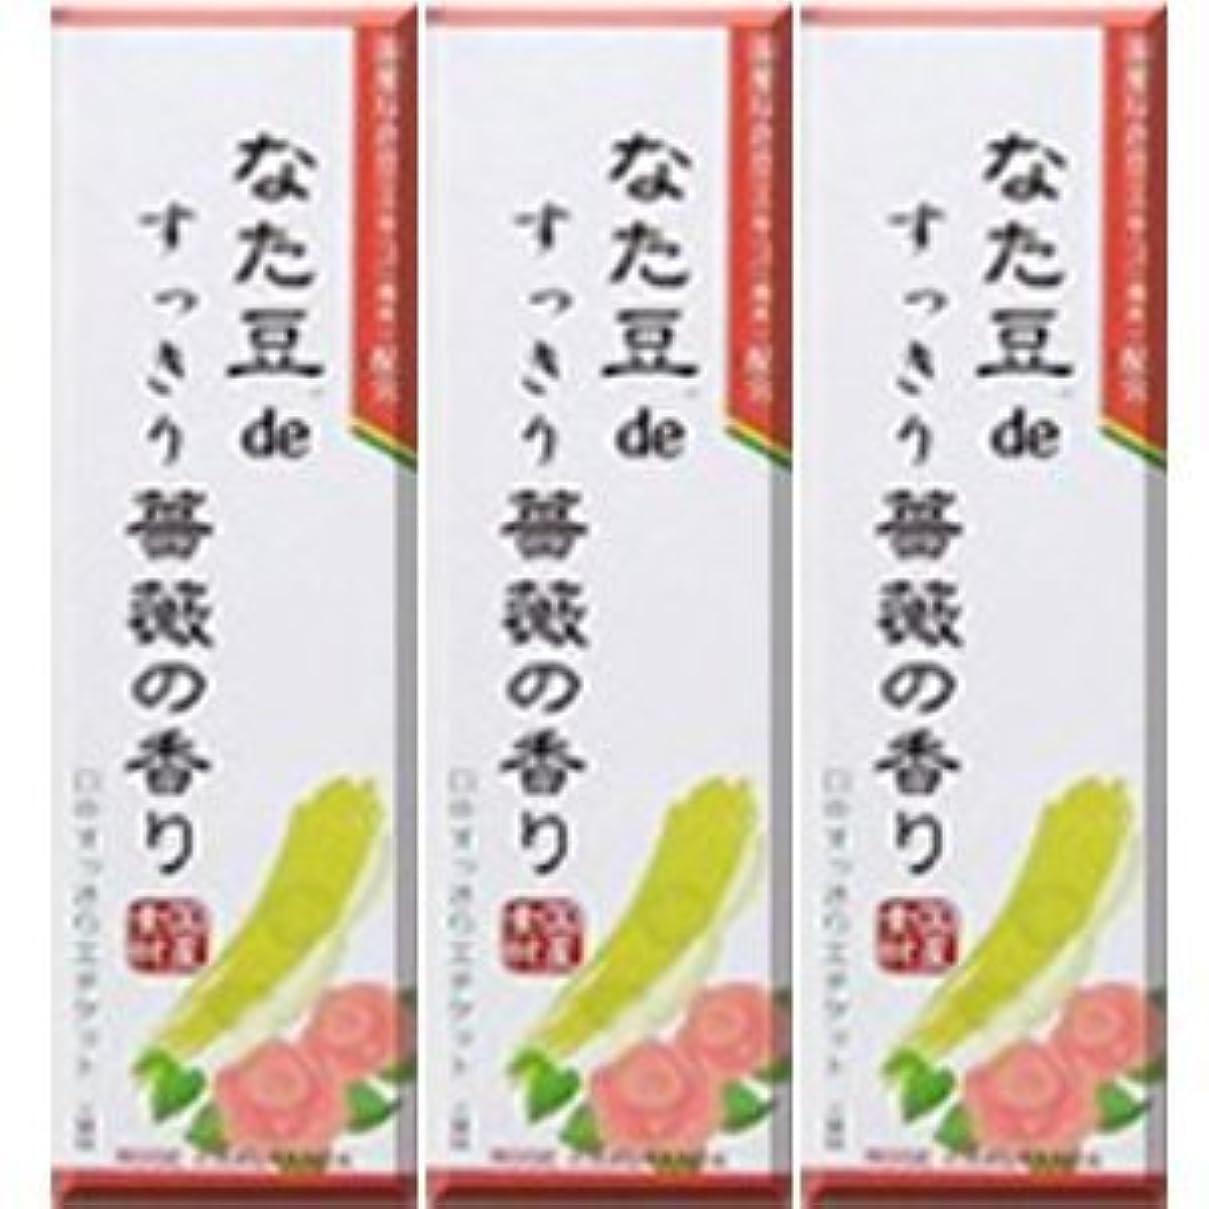 地平線気質連鎖なた豆deすっきり薔薇の香り 120gx3個 (4543268071192)